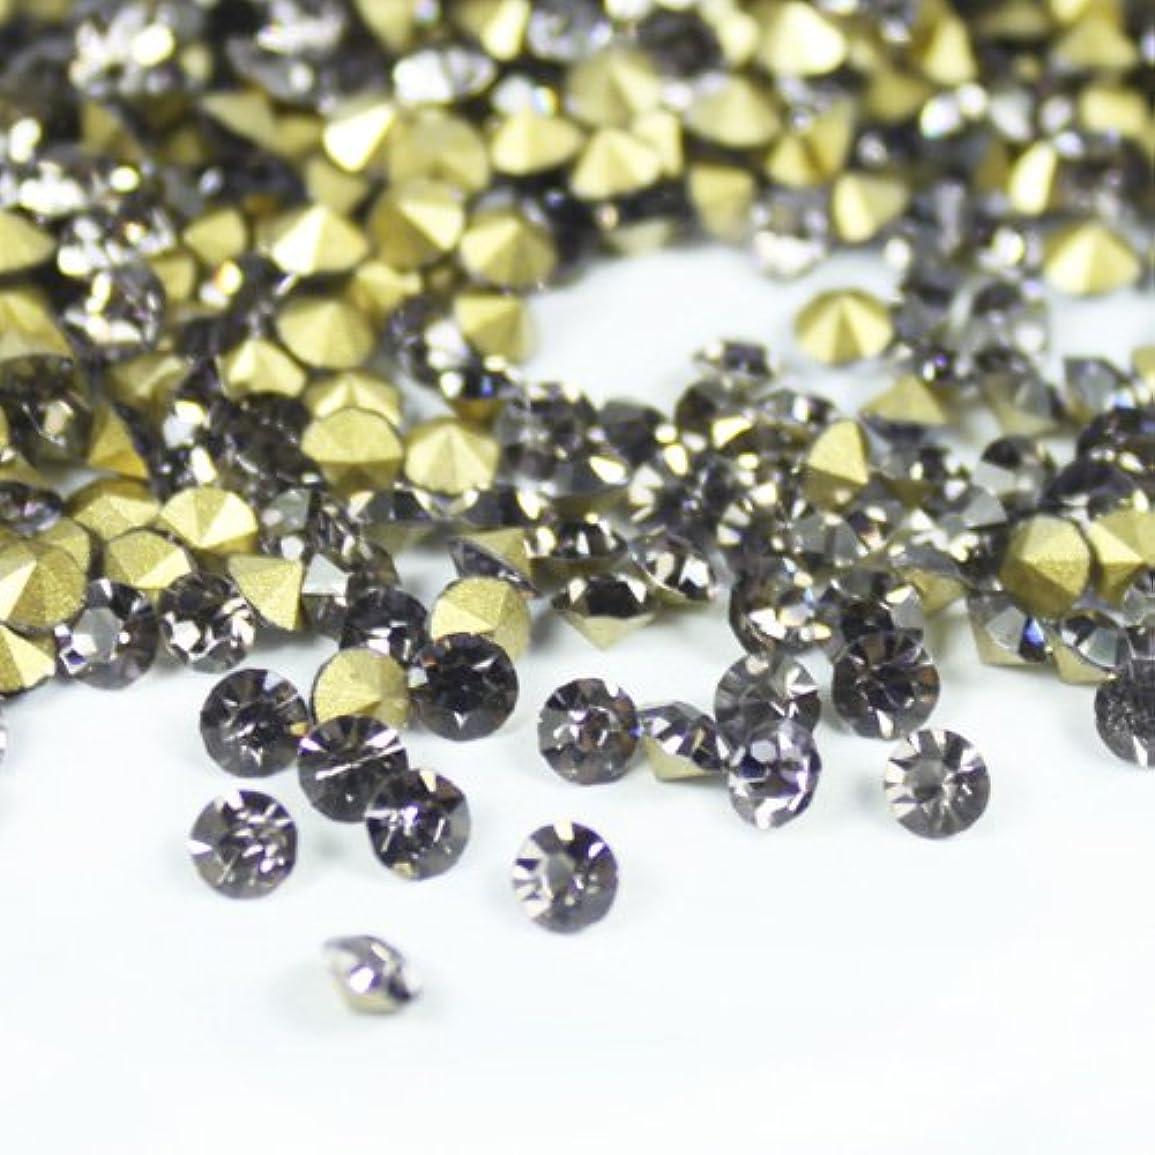 仕立て屋アンテナ良心ガラス製 Vカットストーン(埋込型)black diamond/ブラックダイアモンド 各サイズ選択可能 (4.0mm (SS16) 約1440粒) [並行輸入品]